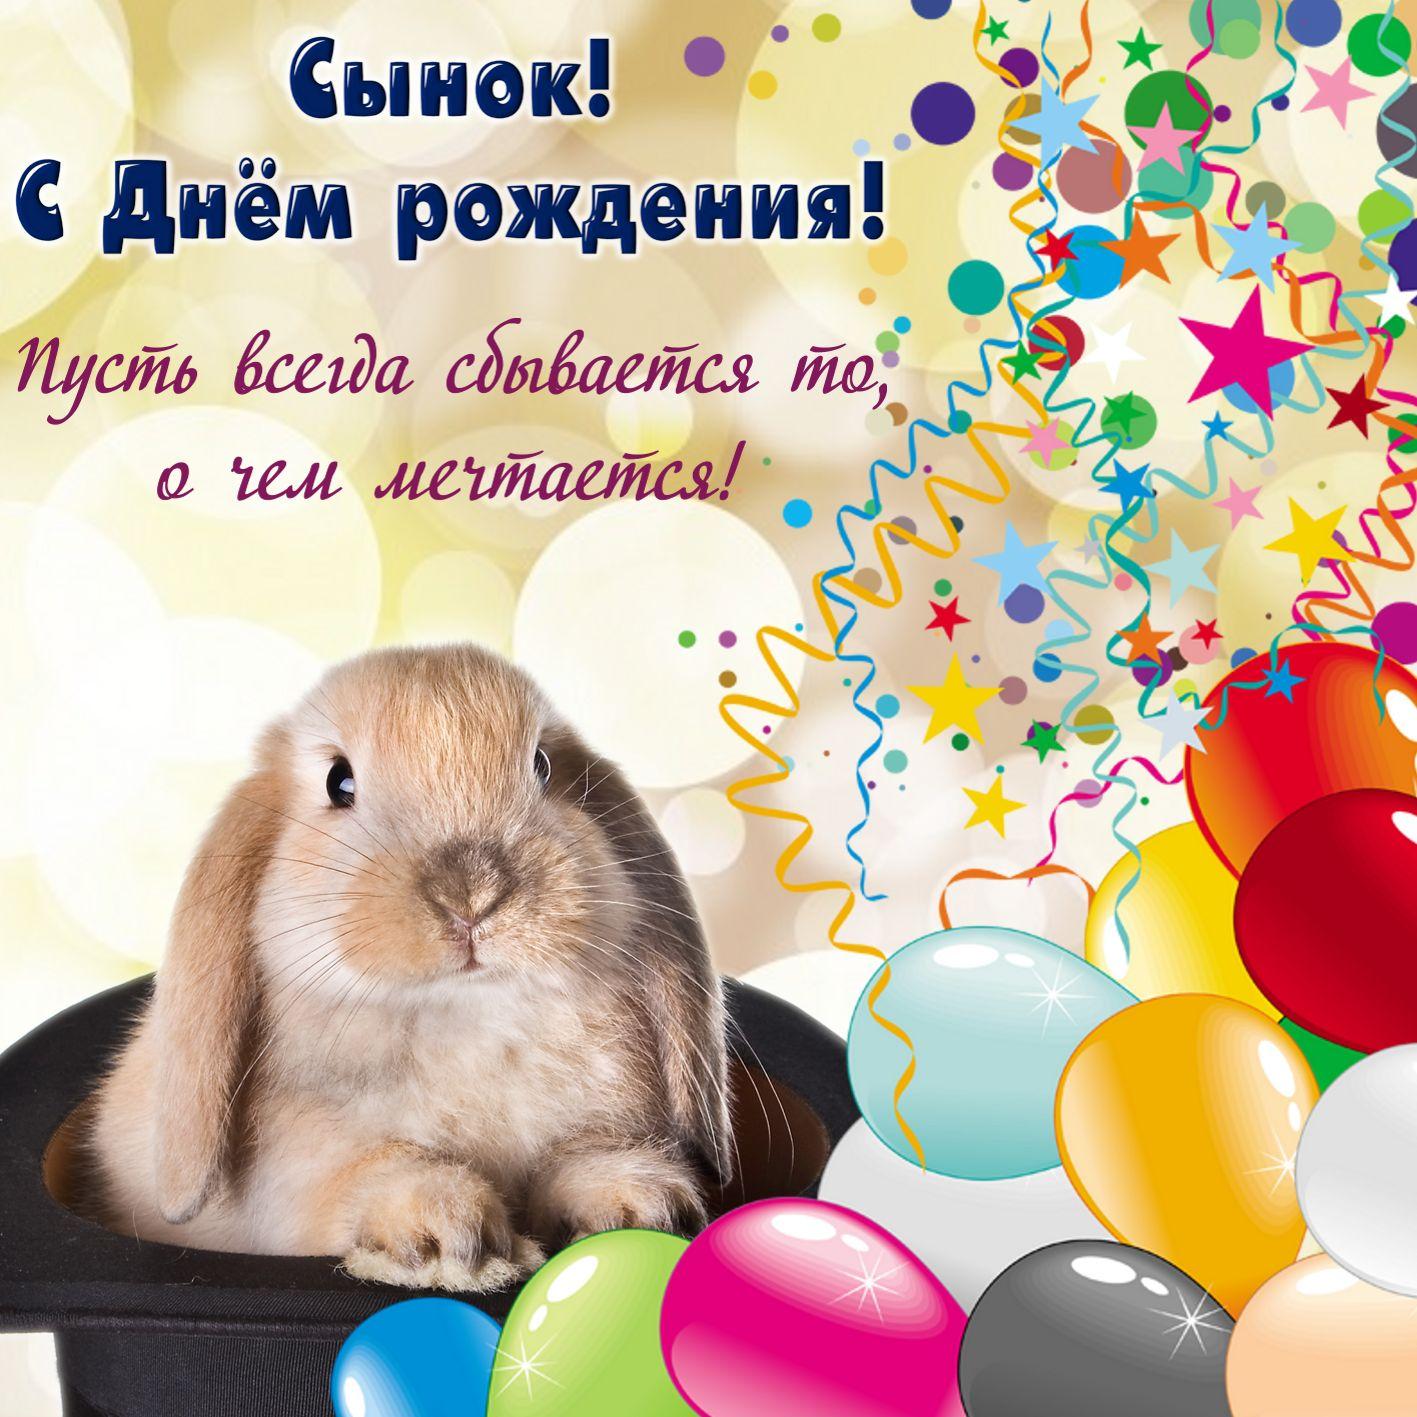 поздравление зайца с днем рождения сына она еще